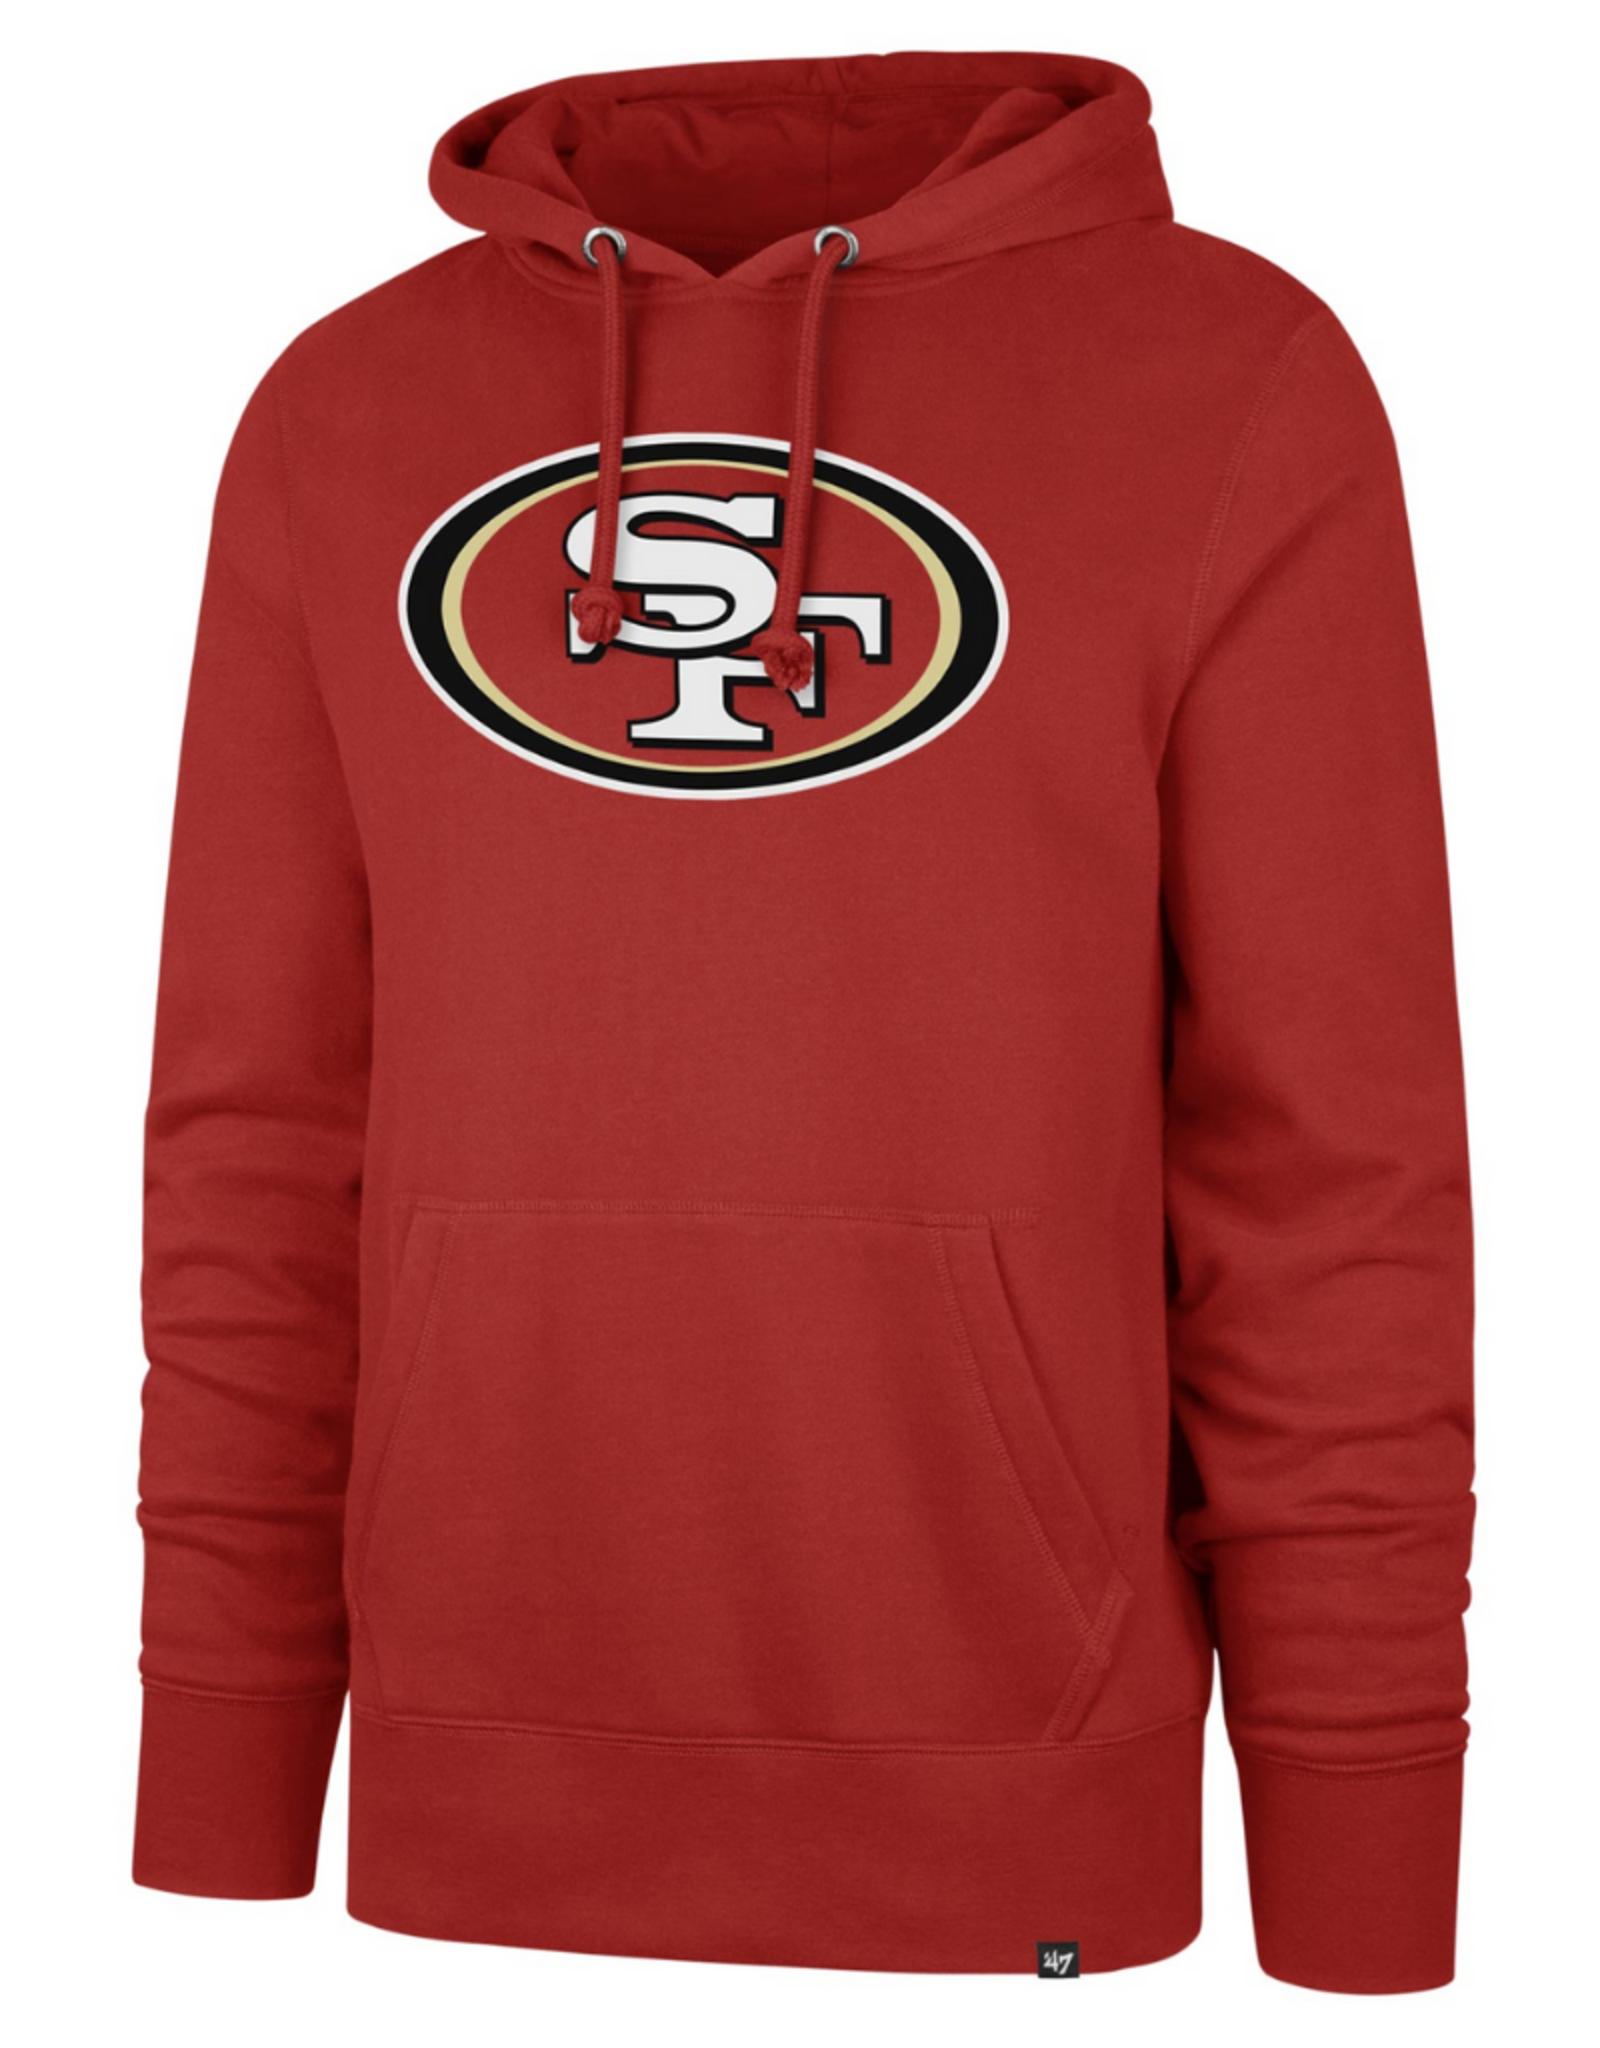 '47 Adult Imprint Headline Hoodie San Francisco 49ers Red